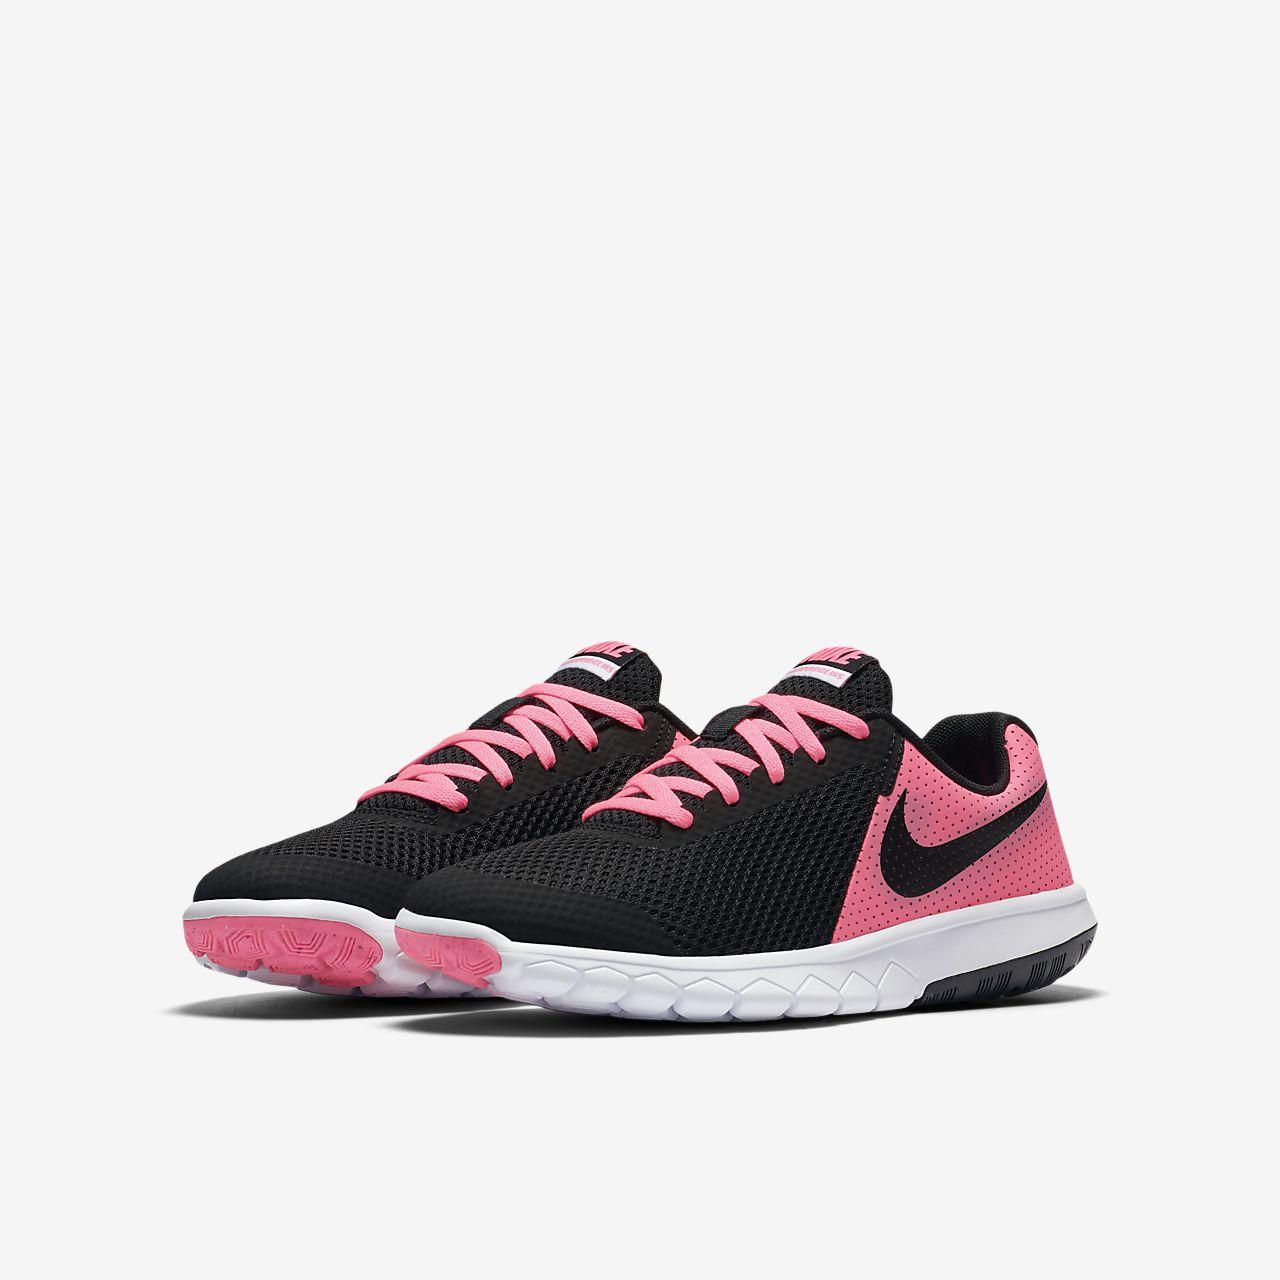 ... Nike Flex Experience 5 Zapatillas de running - Niño/a